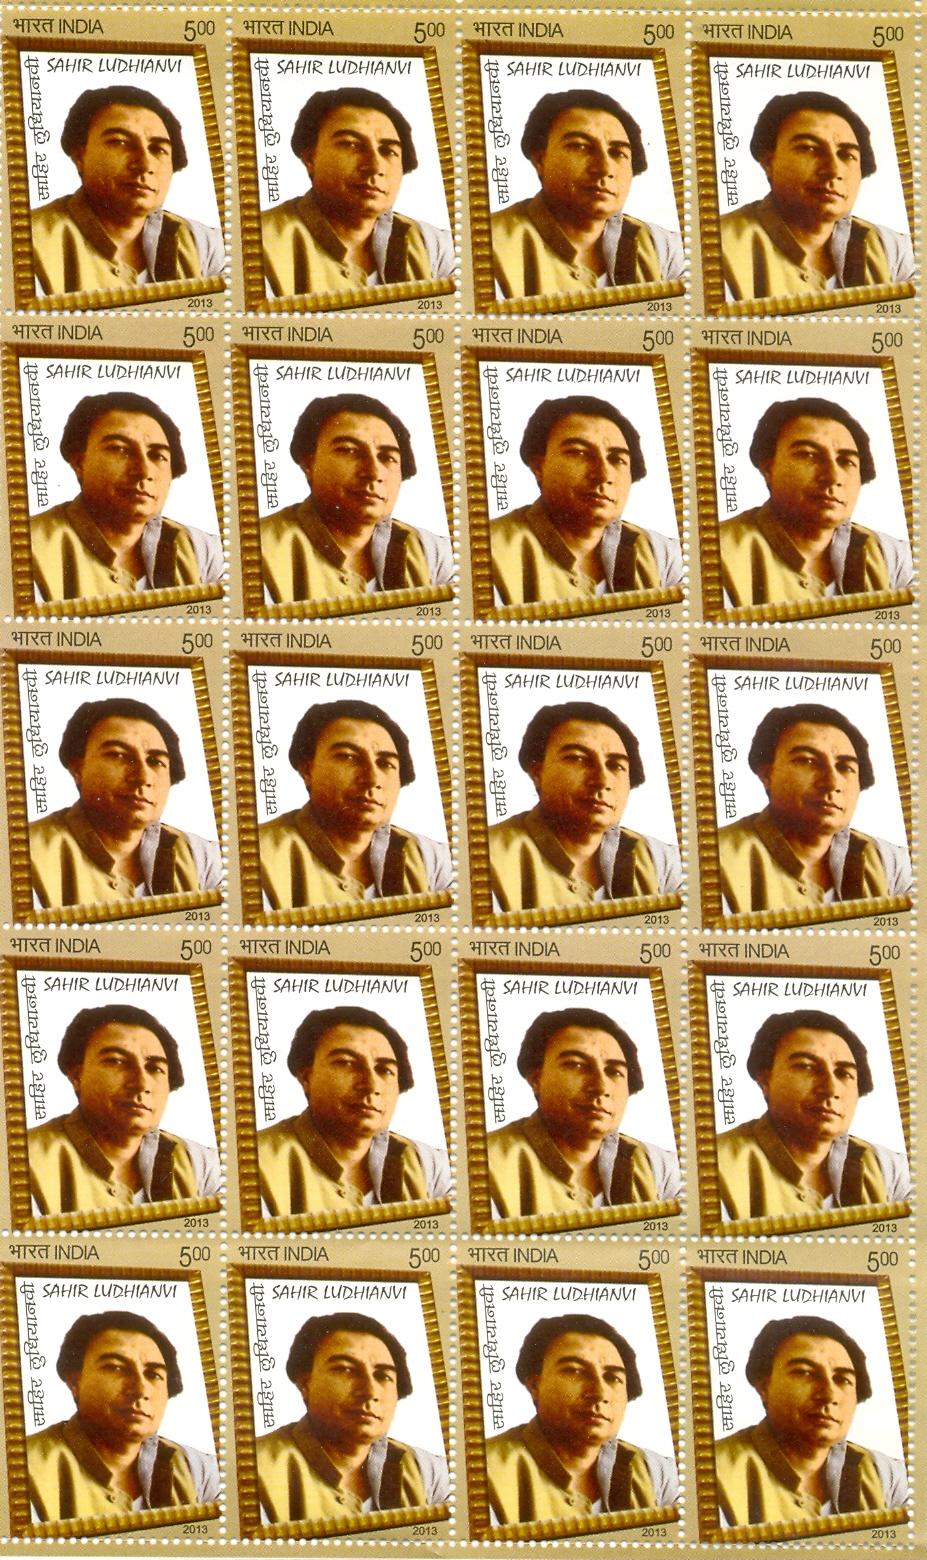 Sahir Ludhianvi Postage Stamp On Sahir Ludhianvi